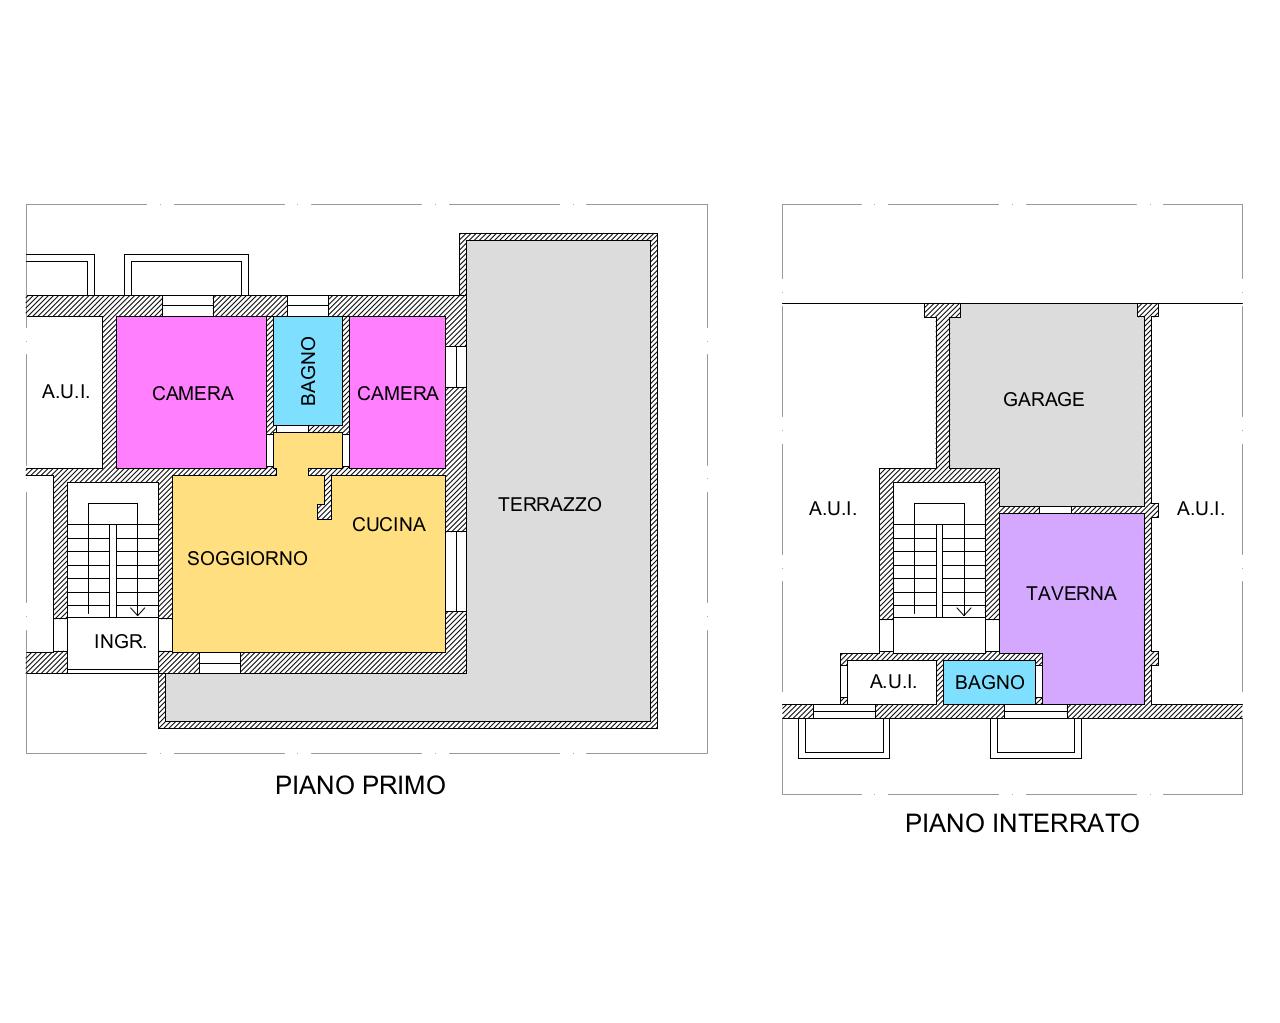 Appartamento - Bicamere a Brogliano